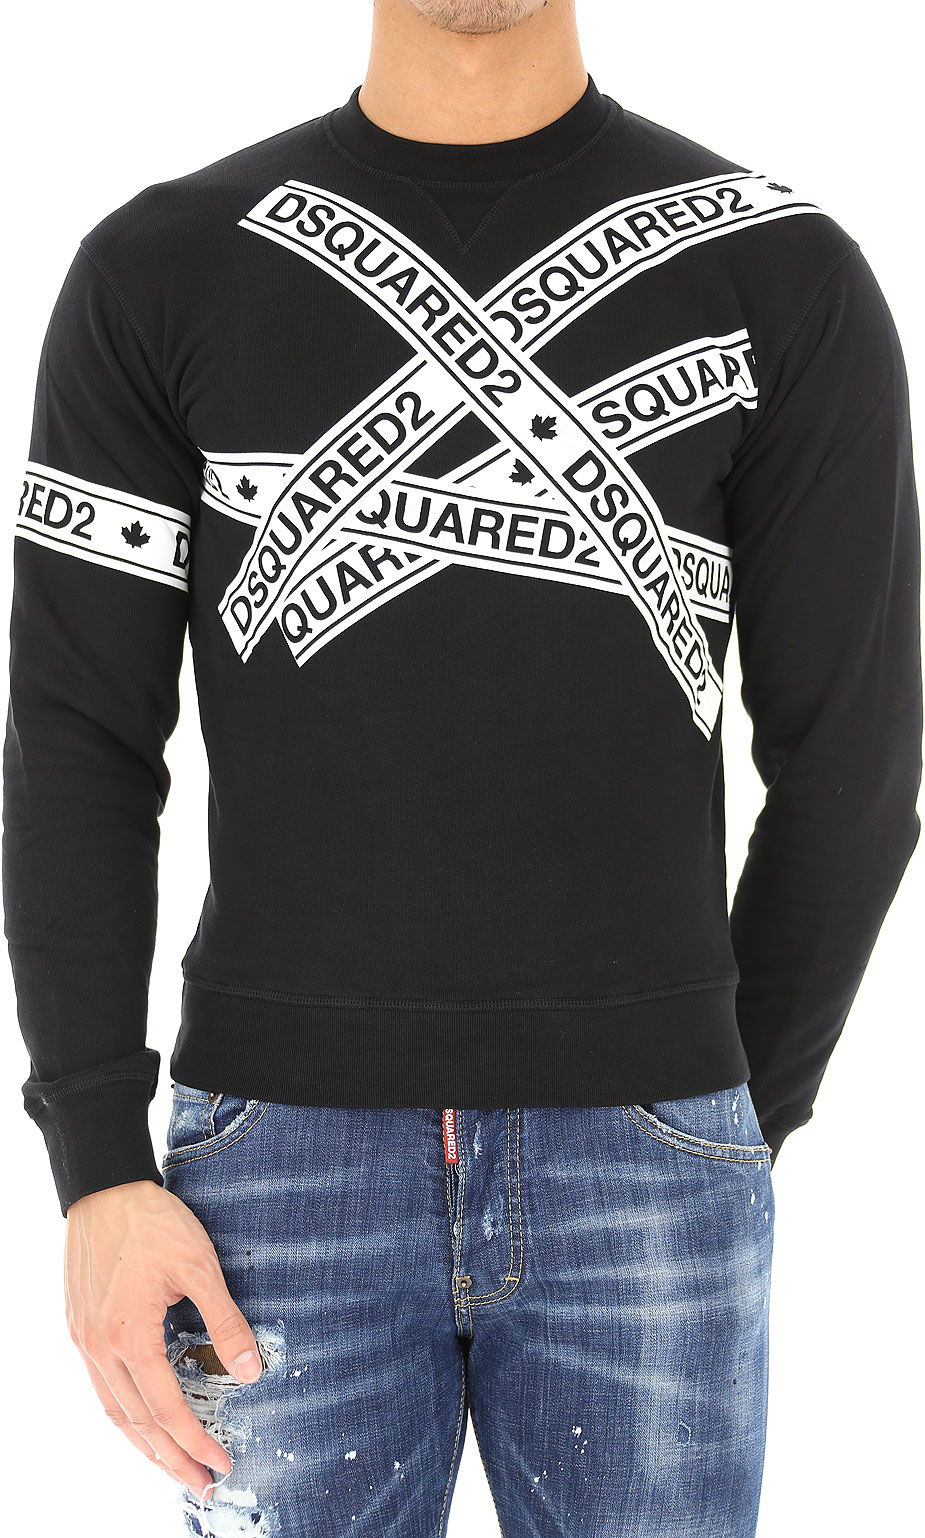 Abbigliamento Uomo Dsquared, Codice Articolo: gu0262-s25305-900